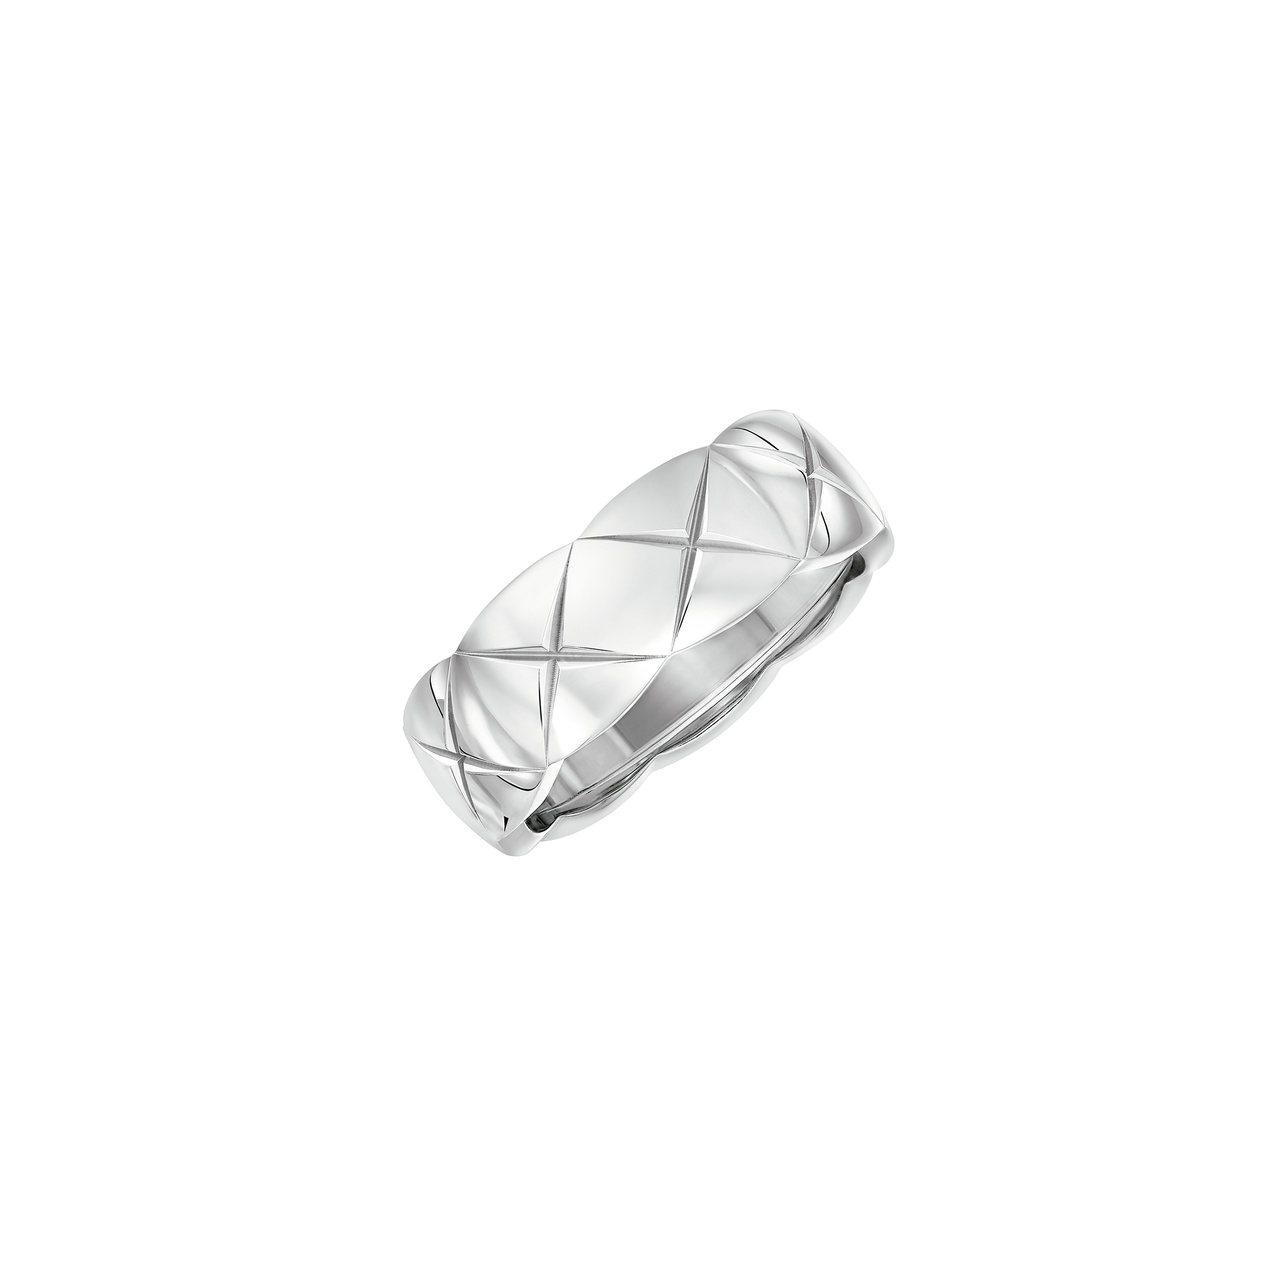 Coco Crush 18K白金戒指小型款,80,000。圖/香奈兒提供